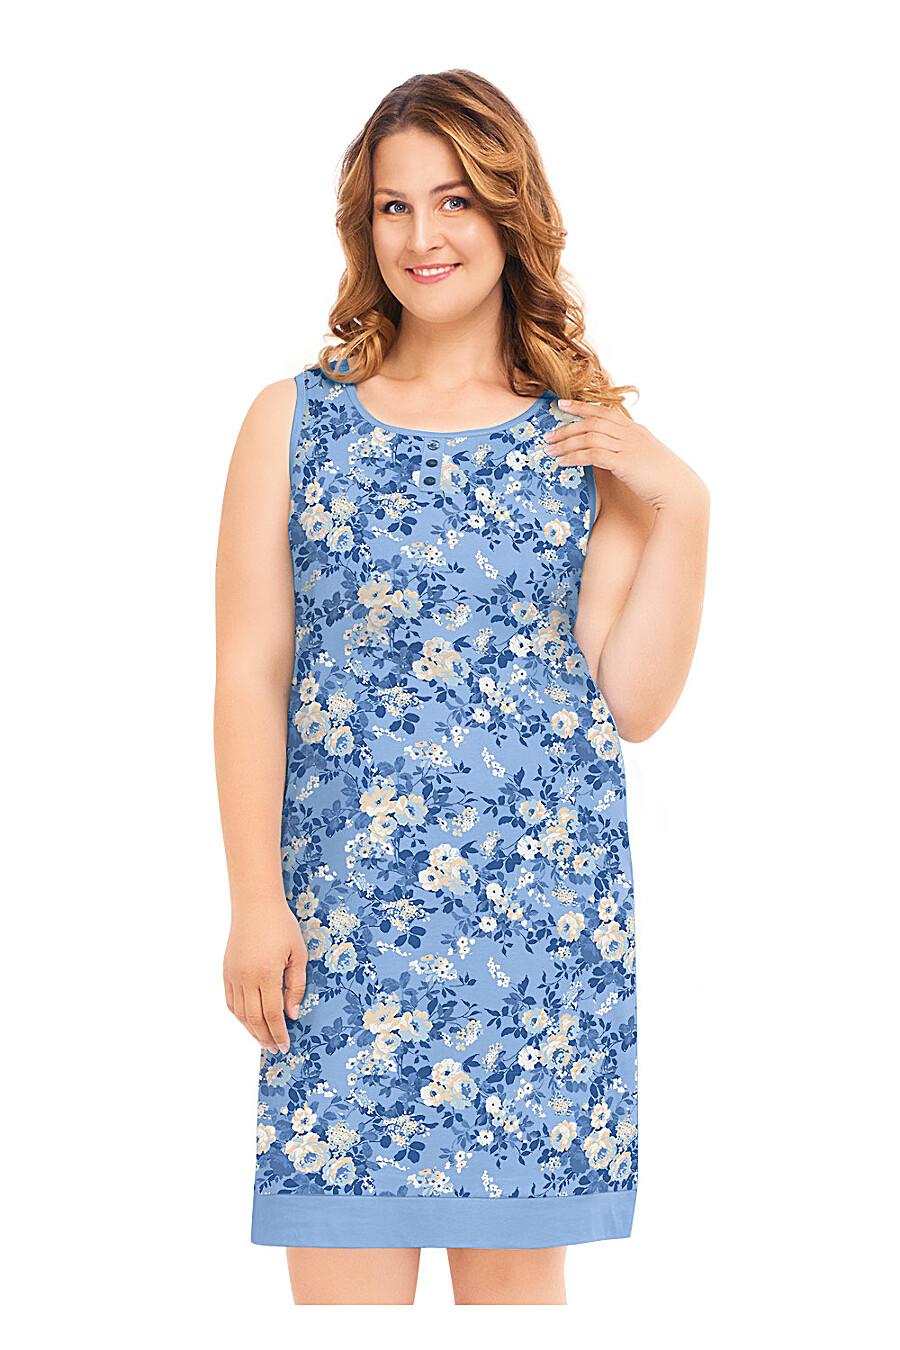 Сорочка для женщин CLEVER 155321 купить оптом от производителя. Совместная покупка женской одежды в OptMoyo